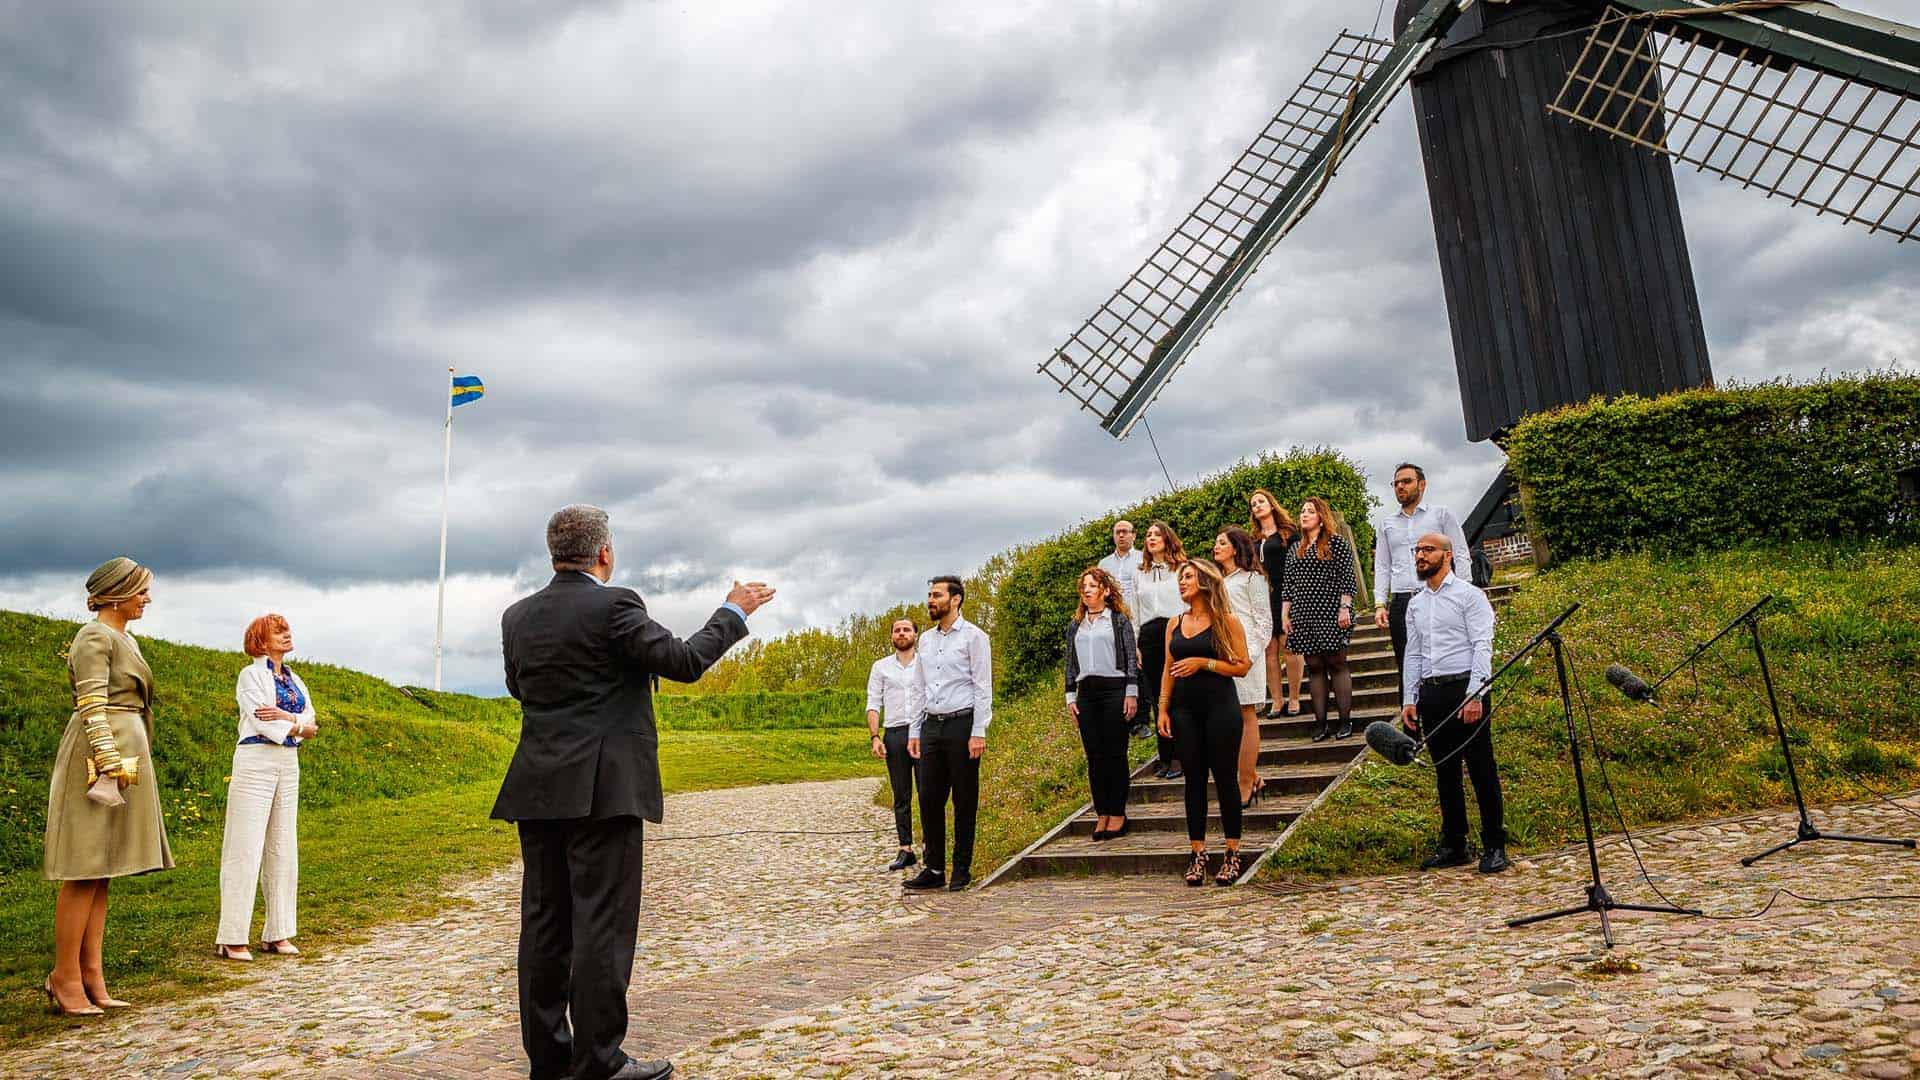 New-Life-Groningen-nmet-Maxima-foto-BartHeemskerk